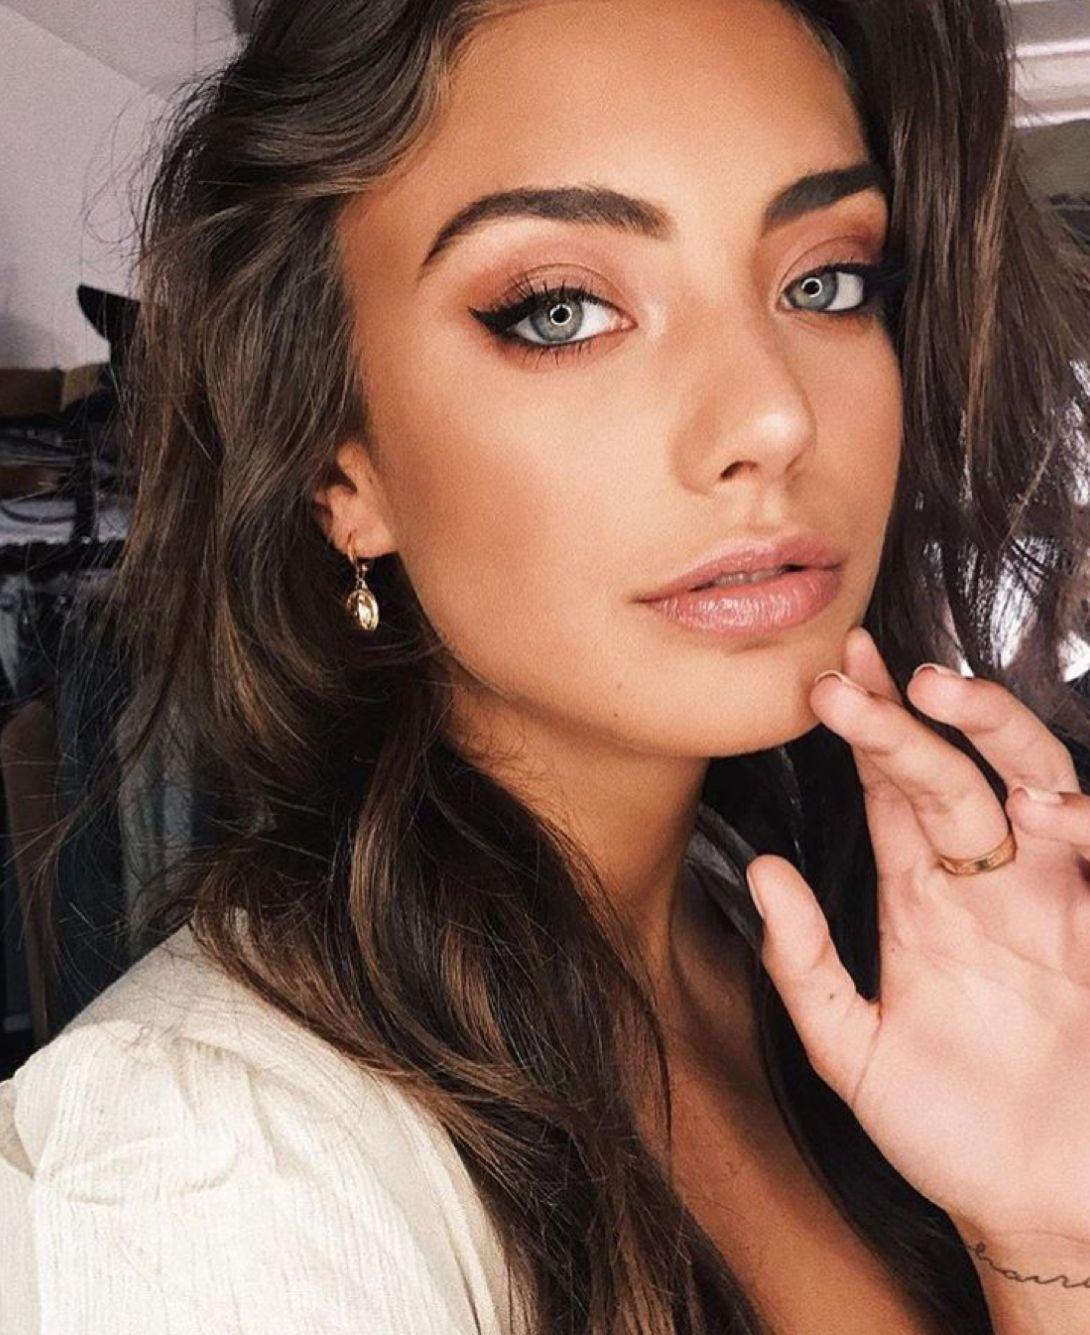 12 pretty makeup ideas to inspire - Bronze looks ,makeup #makeup #bronze